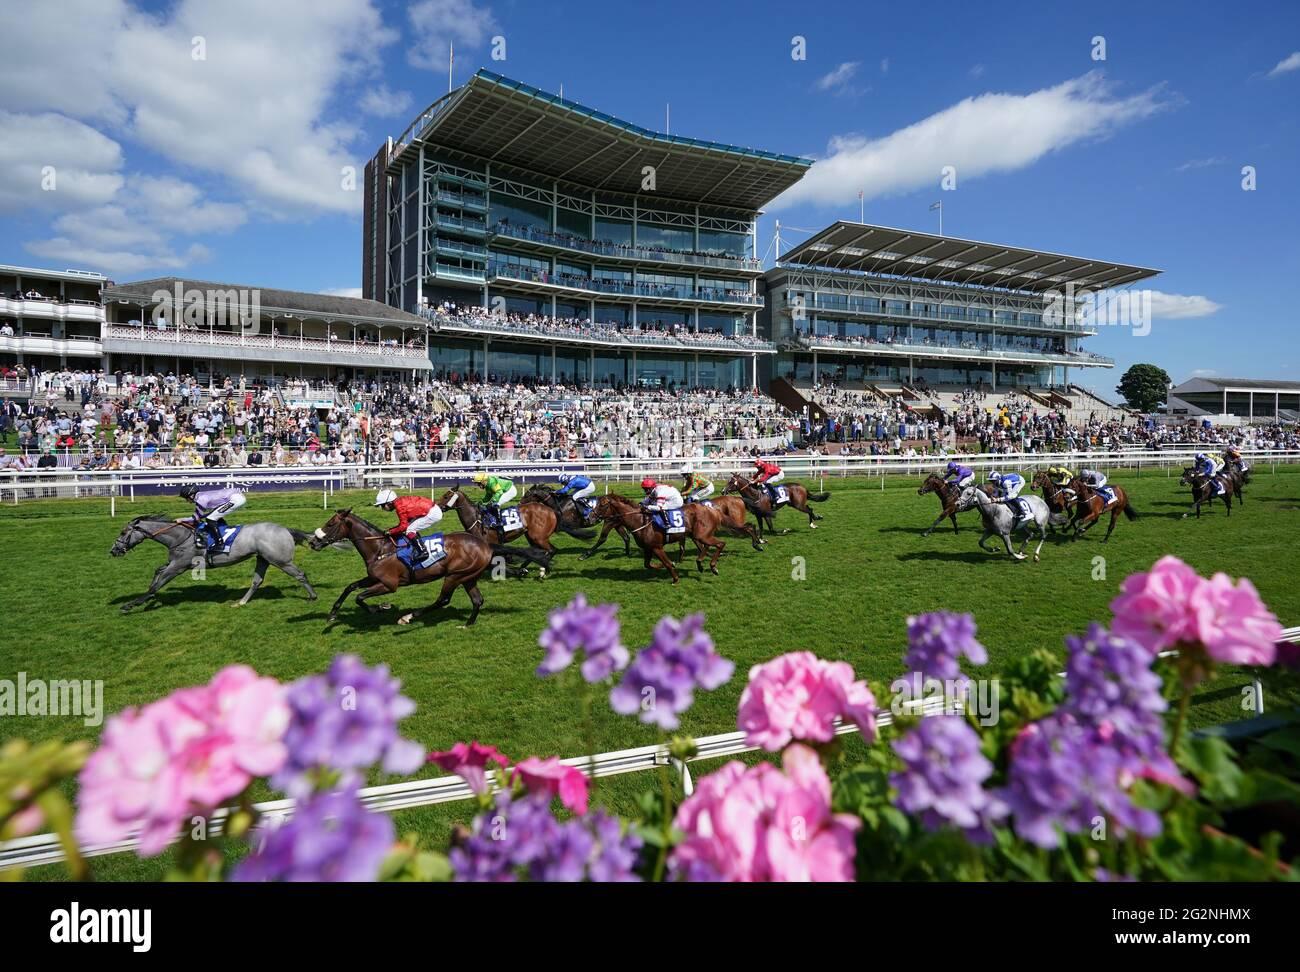 Erste Folio und Daniel Muscutt kommen nach Hause, um die Fertiger Foundation Catherine Memorial Sprint Handicap auf der York Racecourse zu gewinnen. Bilddatum: Samstag, 12. Juni 2021. Stockfoto